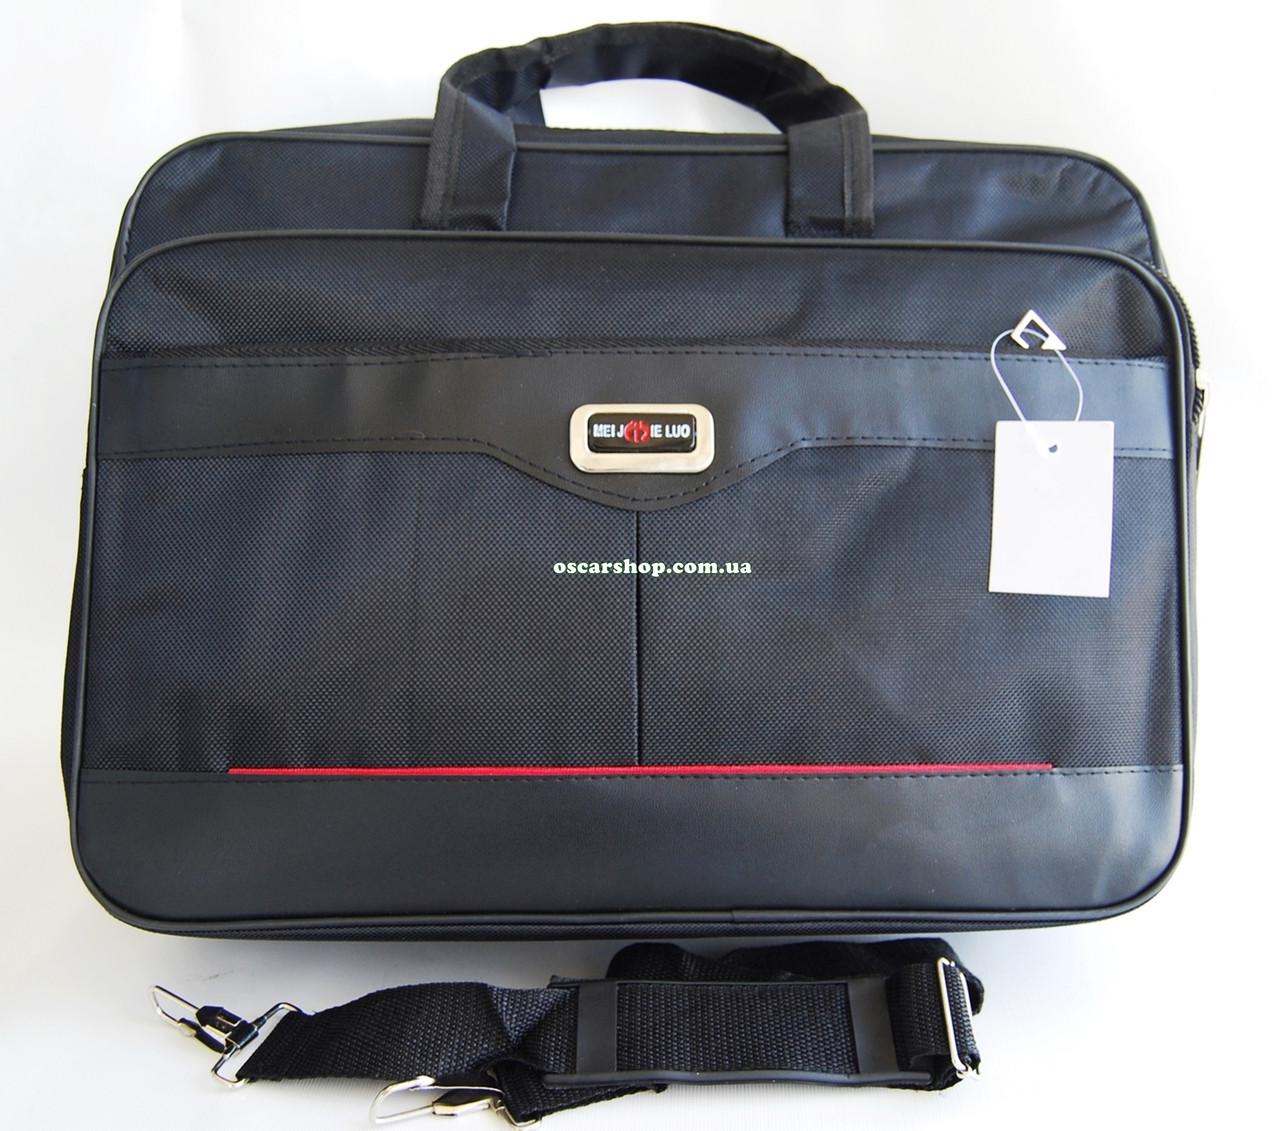 5d872918cbab Мужская сумка для документов А-4. Мужской портфель под ноутбук. СП01, фото